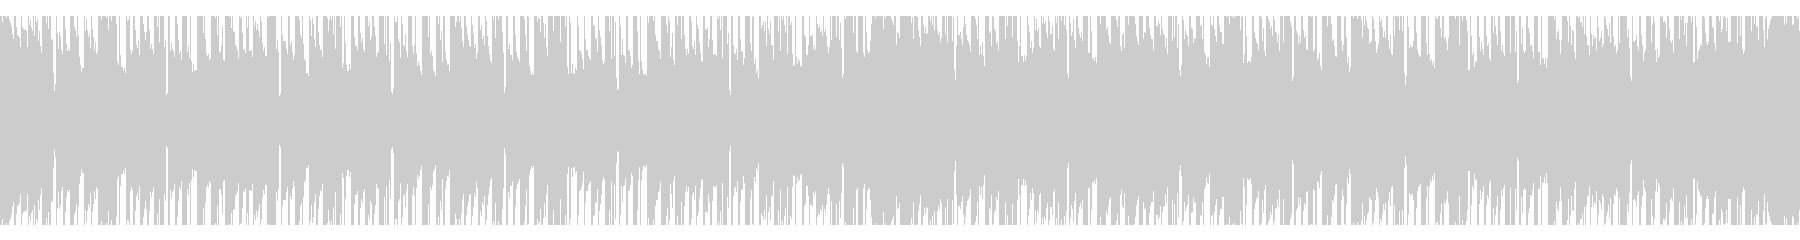 スタイリッシュなエネルギートラップループの未再生の波形